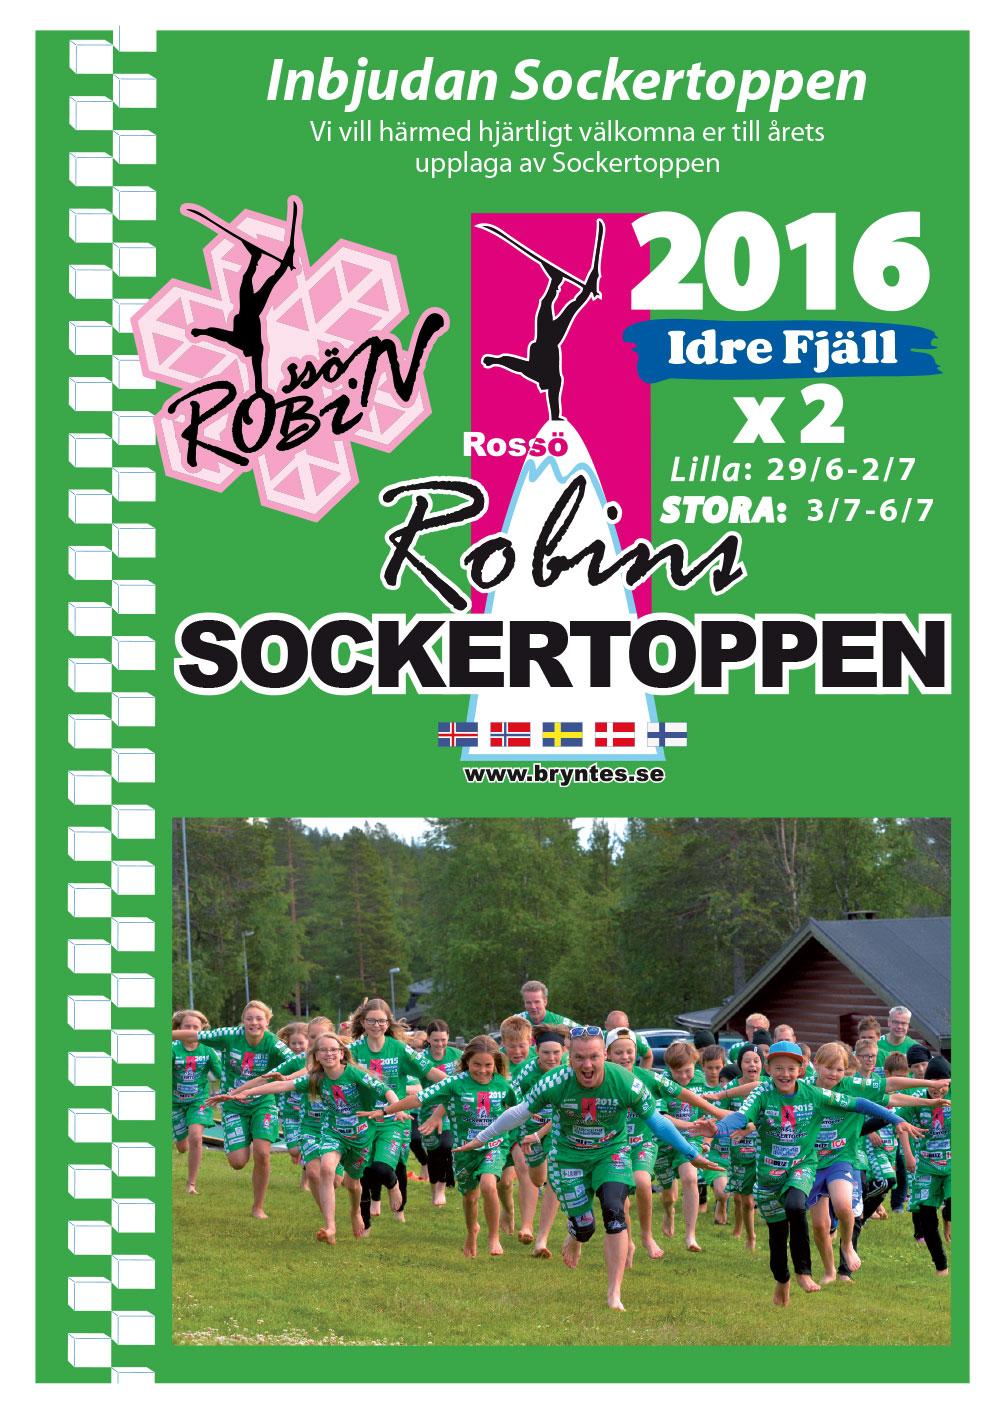 Inbjudan-till-SockerToppen-2016-web-1